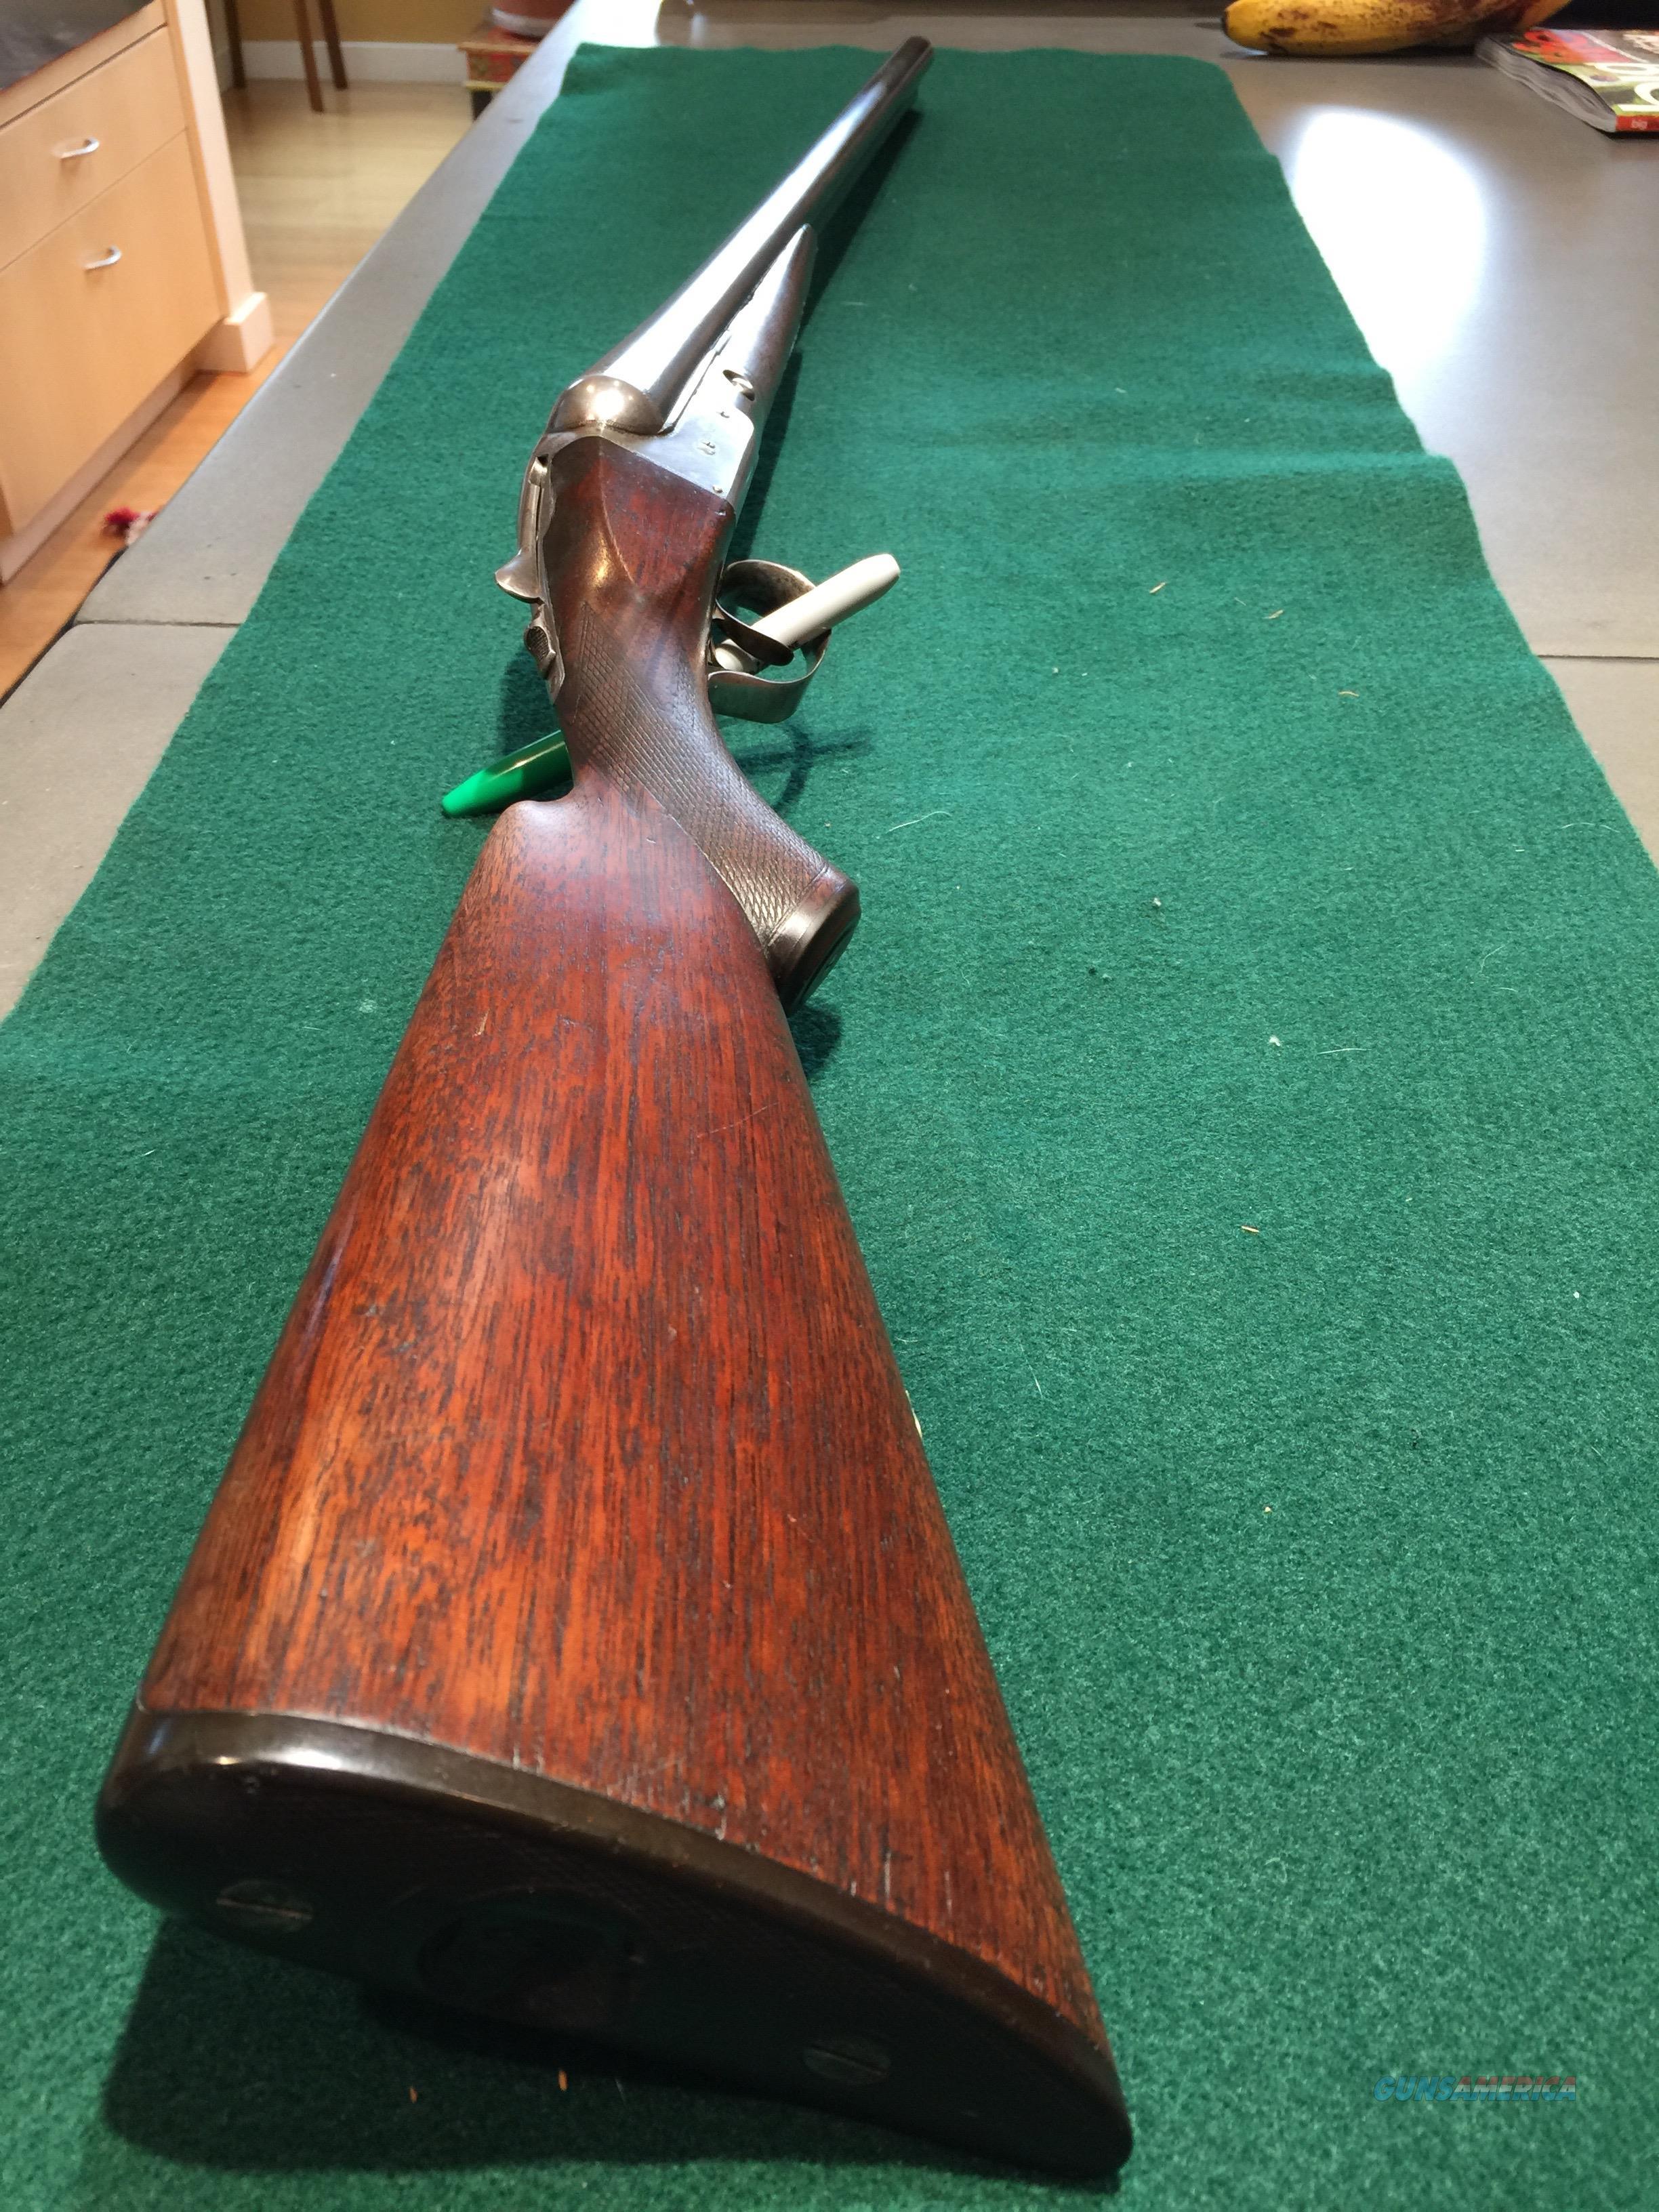 Parker VH Grade 12 Gauge Double Barrel SxS shotgun  Guns > Shotguns > Parker Shotguns